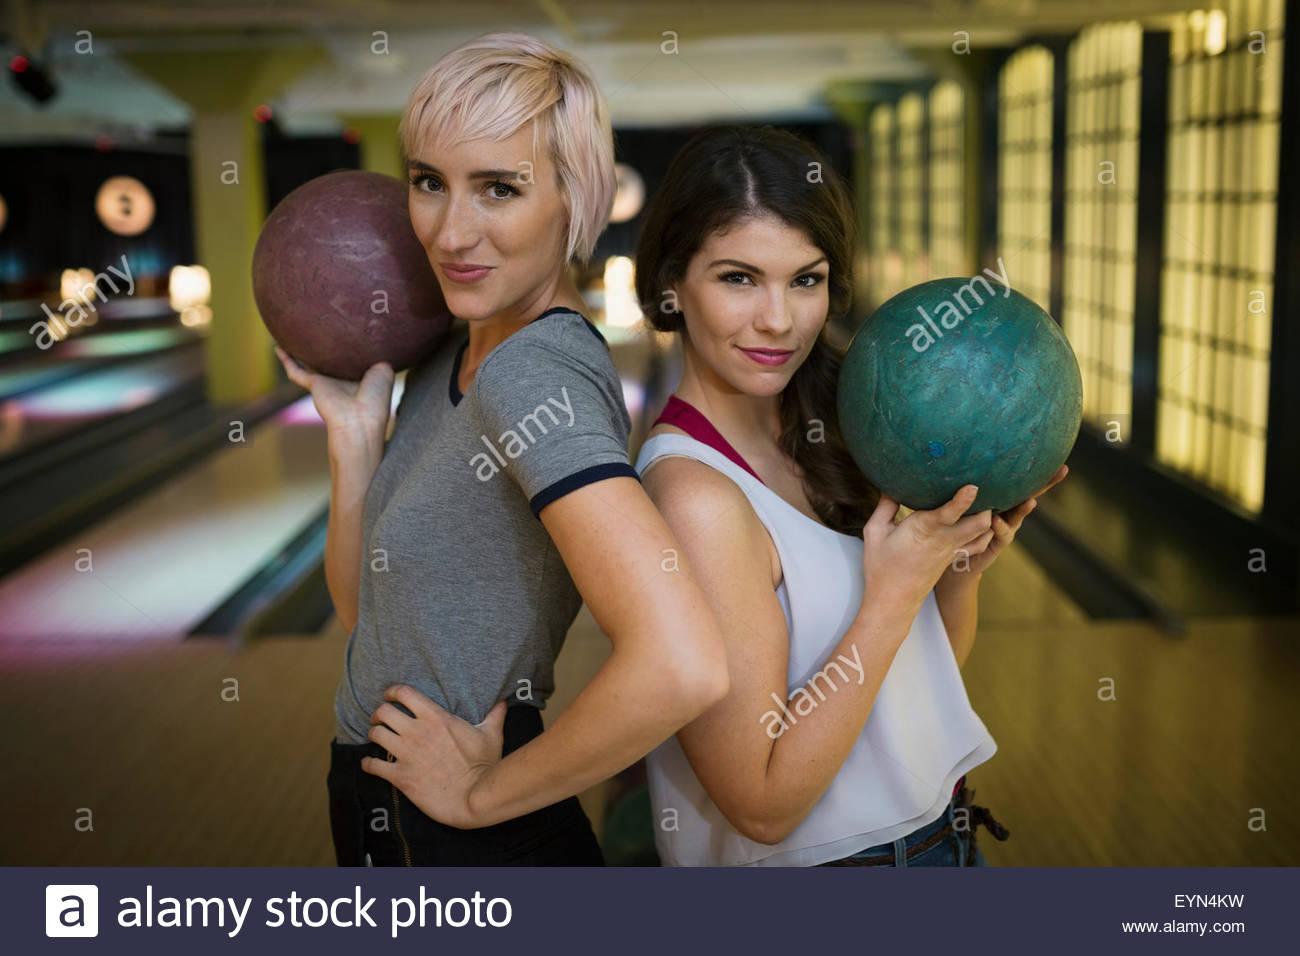 Portrait confiant les jeunes femmes holding bowling balls Photo Stock